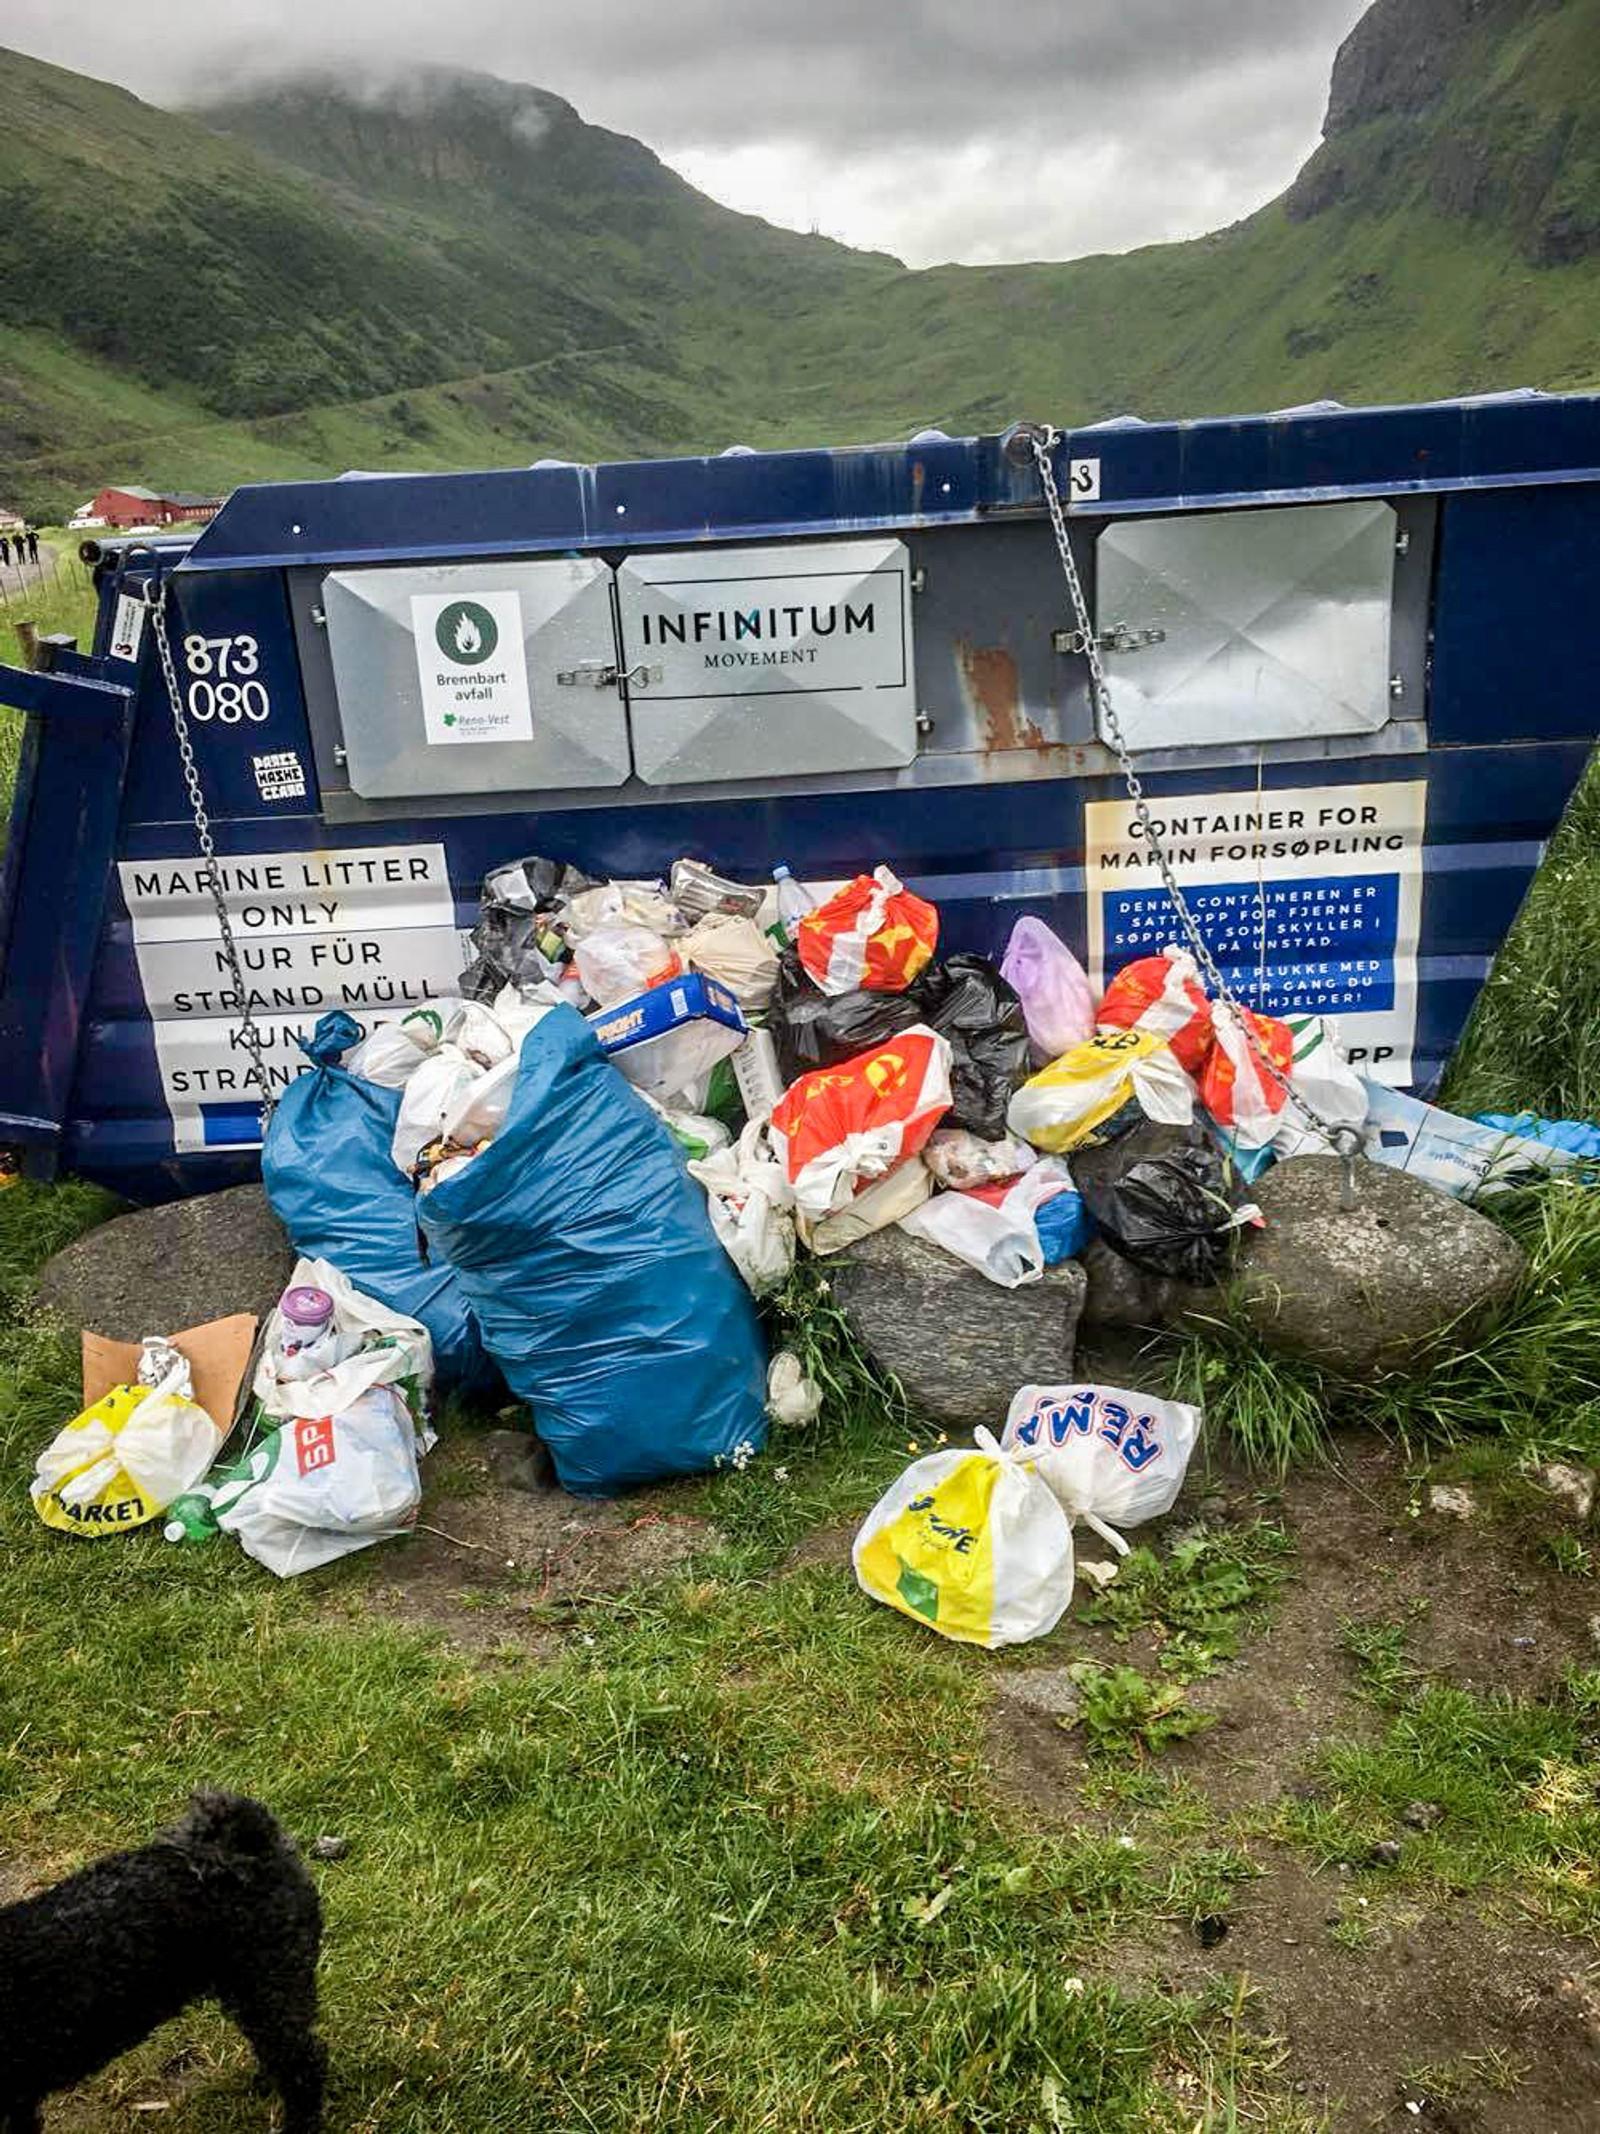 Denne containeren er satt opp av en miljøbevegelse for at strandryddere skal ha en plass å levere søppel. I stedet fylles den opp av søppel fra turister.